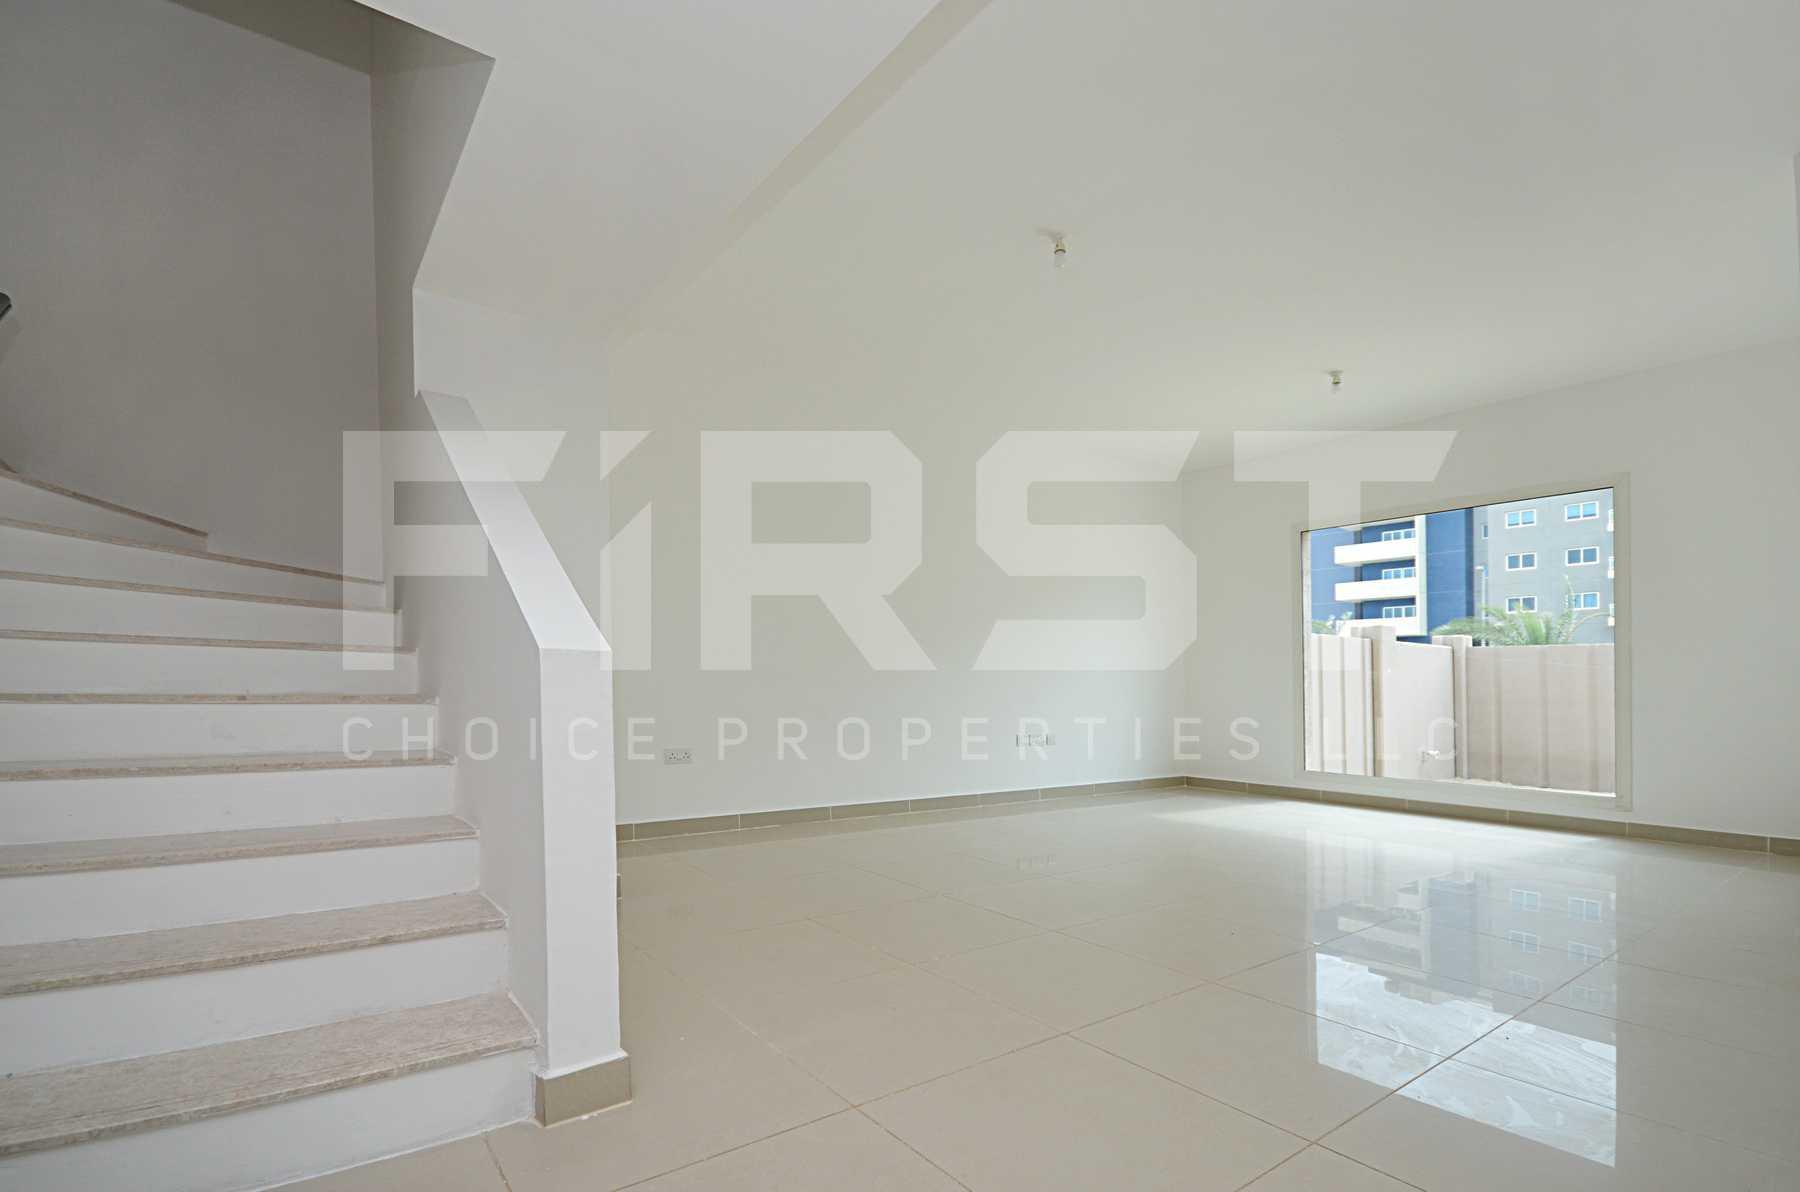 Internal Photo of 4 Bedroom Villa in Al Reef Villas Al Reef Abu Dhabi UAE 265.5 sq.m 2858 sq.ft (45).jpg